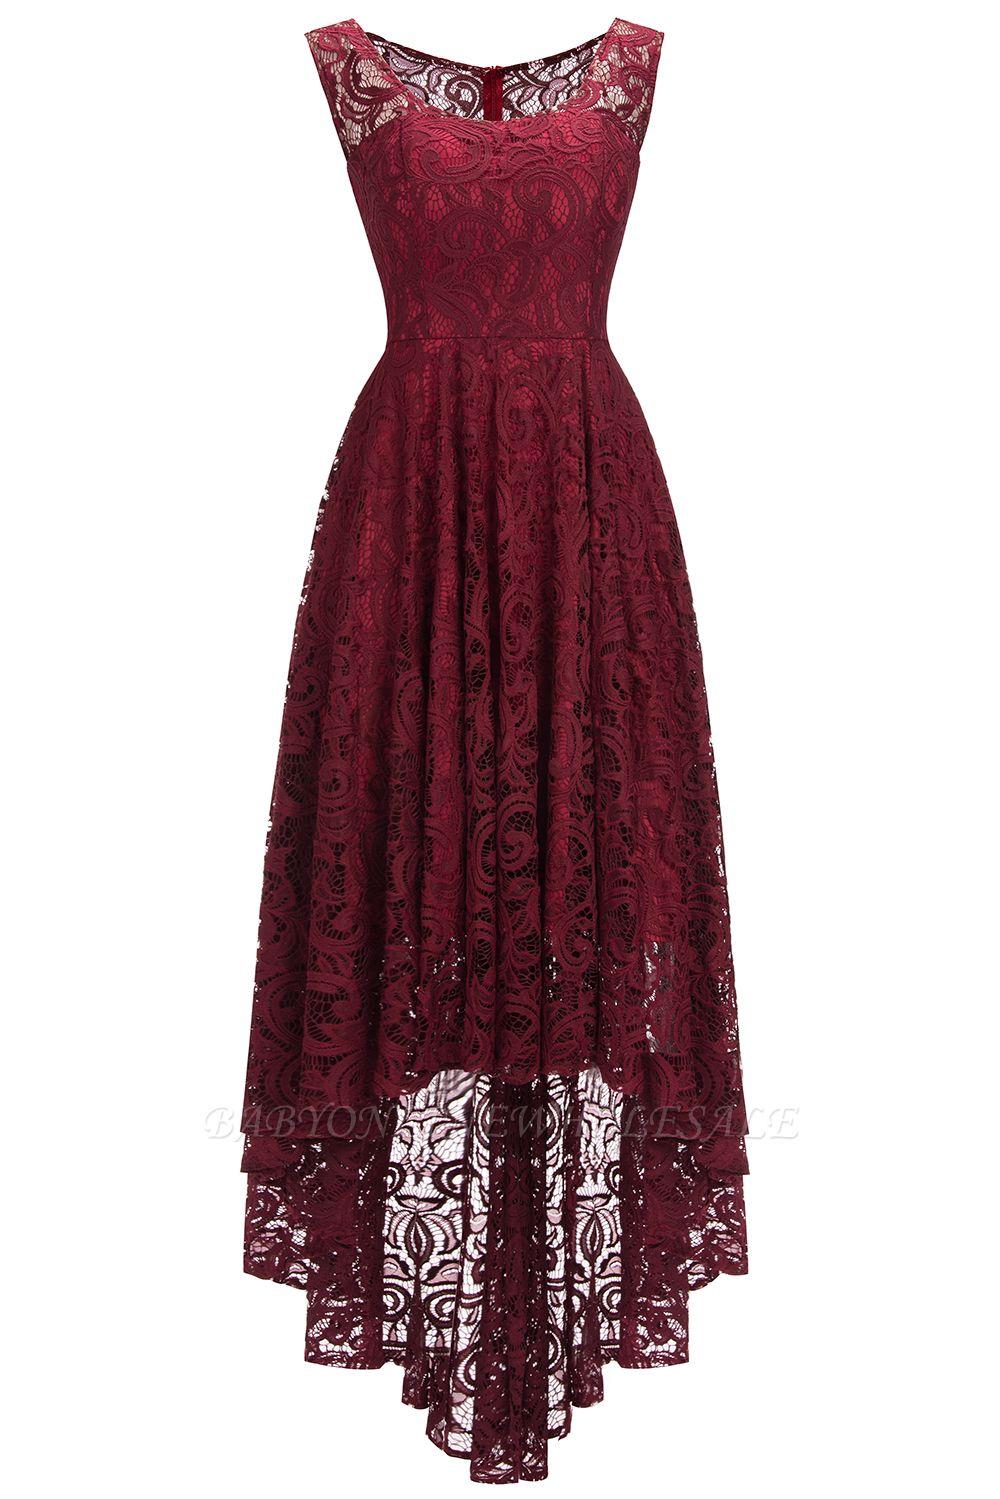 Schlichte Spitze Abendkleider Günstig  Schöne Kleider Vorne Kurz Hinten  Lang